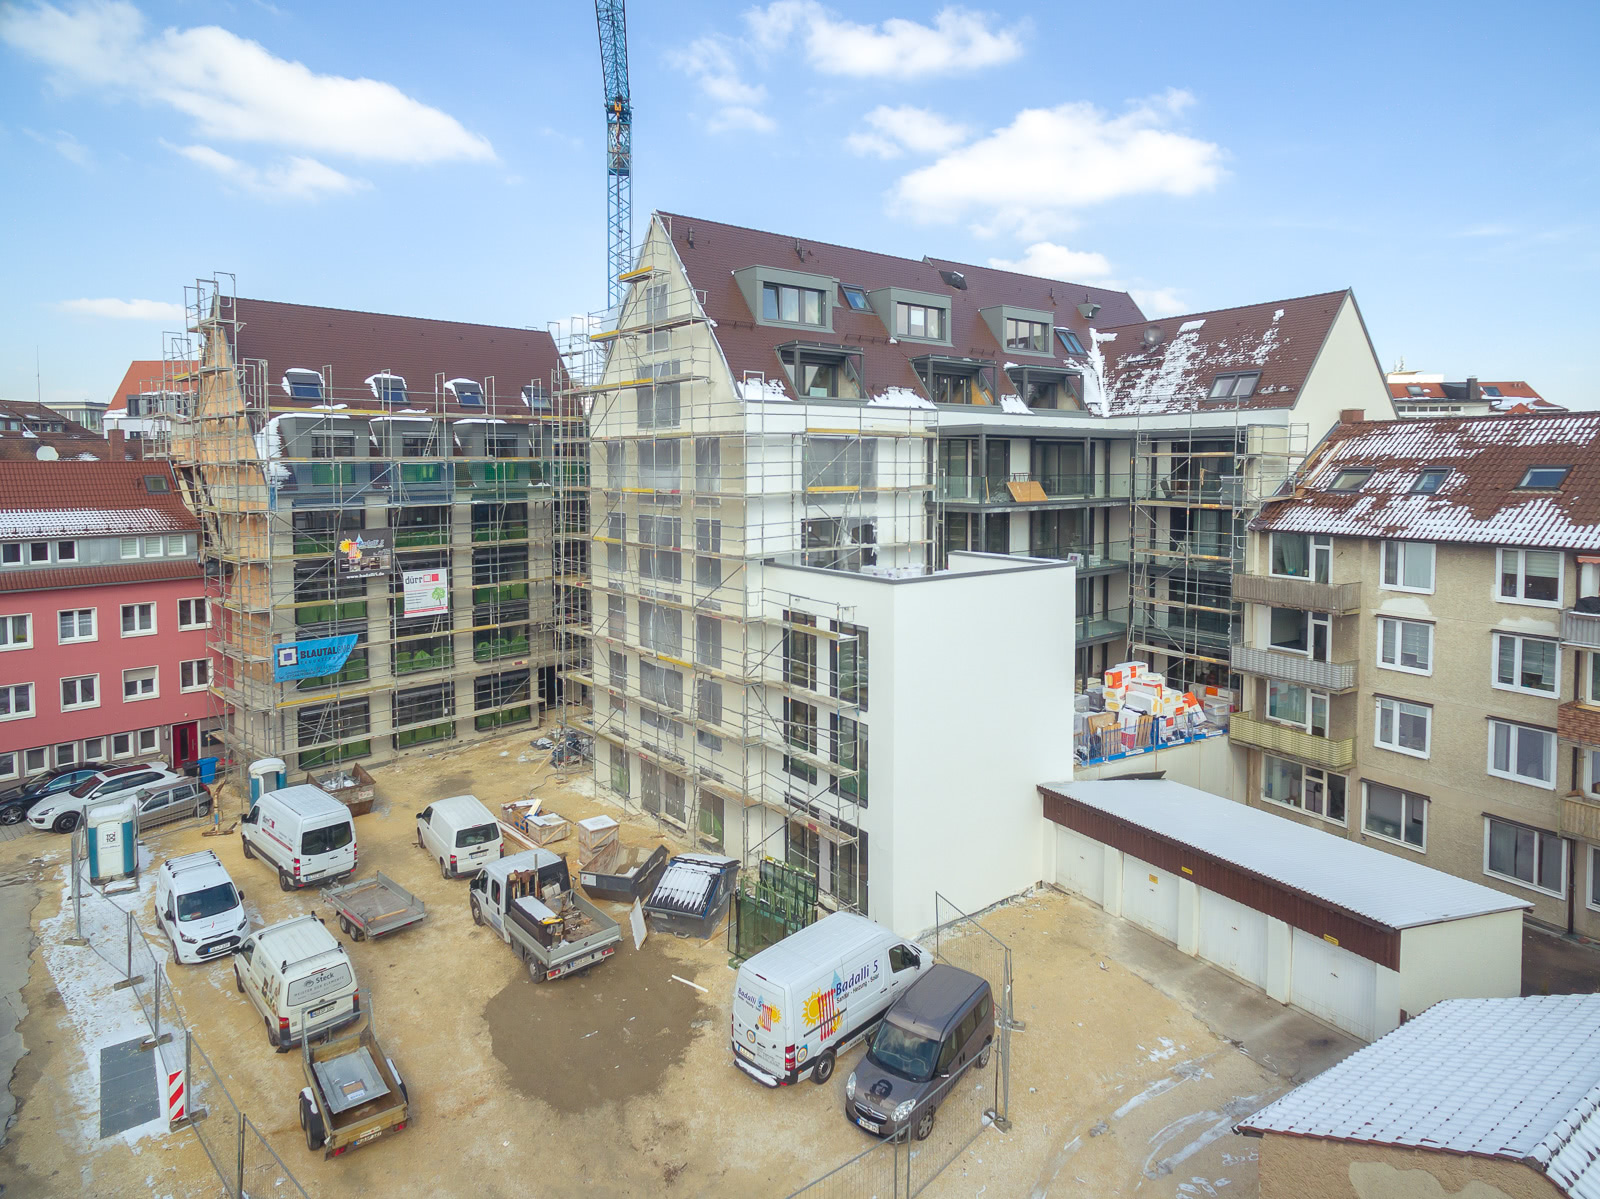 Bauunternehmen Ulm wohn geschäftshaus ulm blautal bauunternehmen gmbh